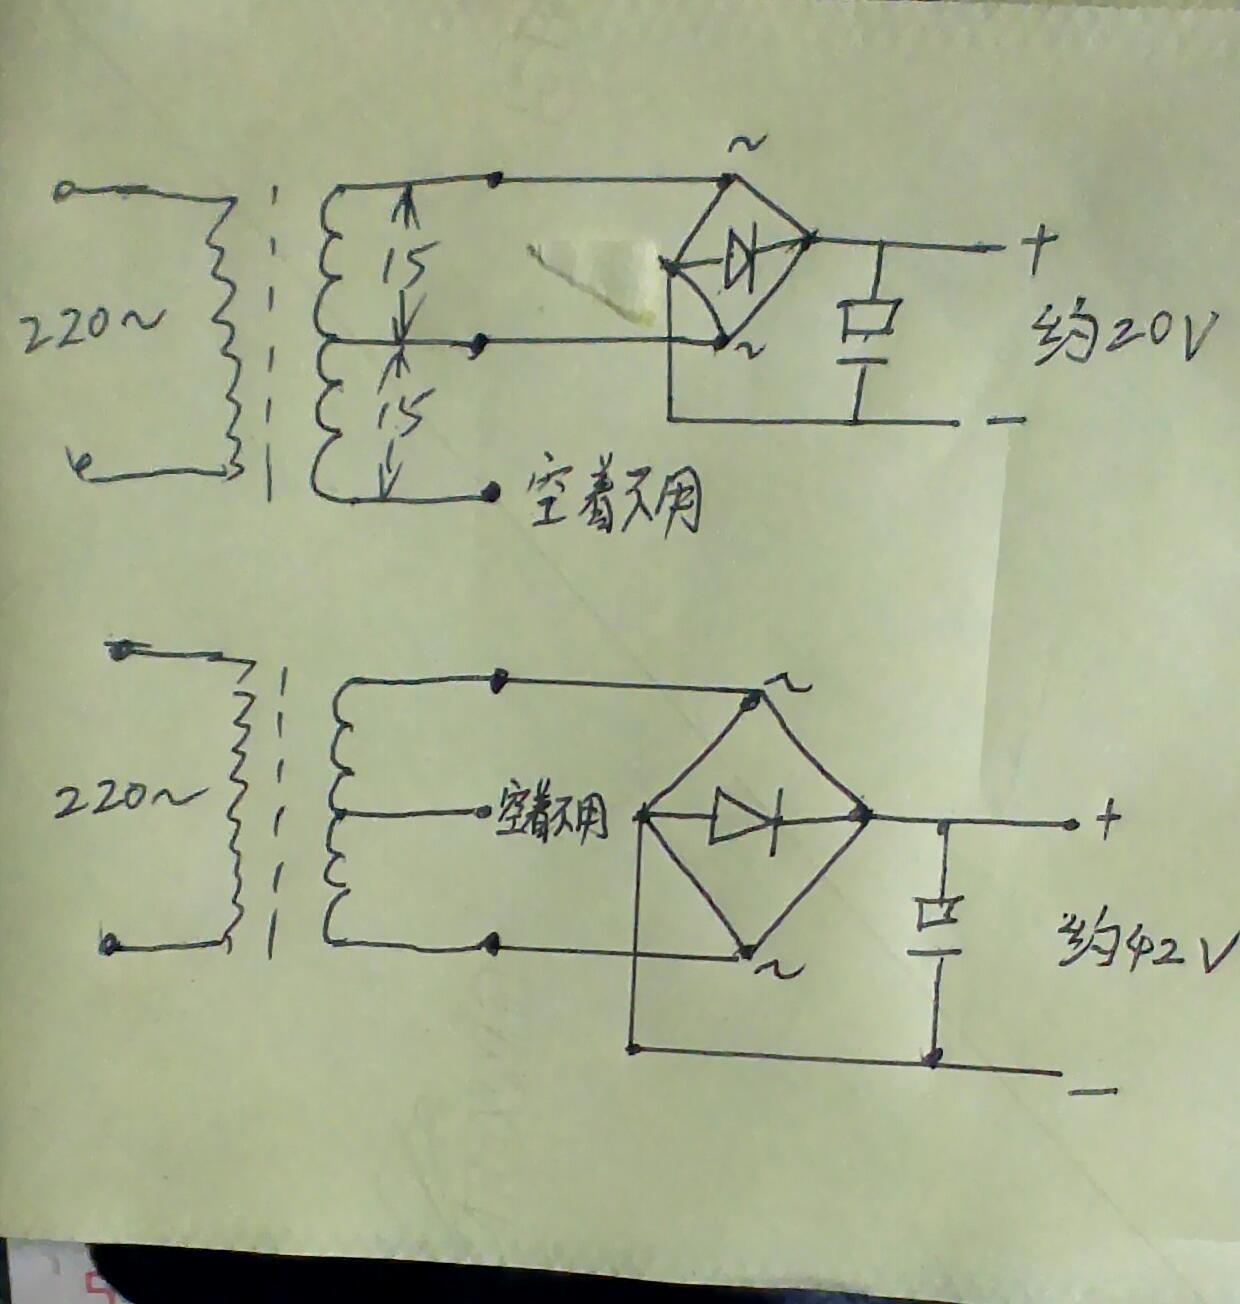 双电源 一个电容 怎么接滤波电路